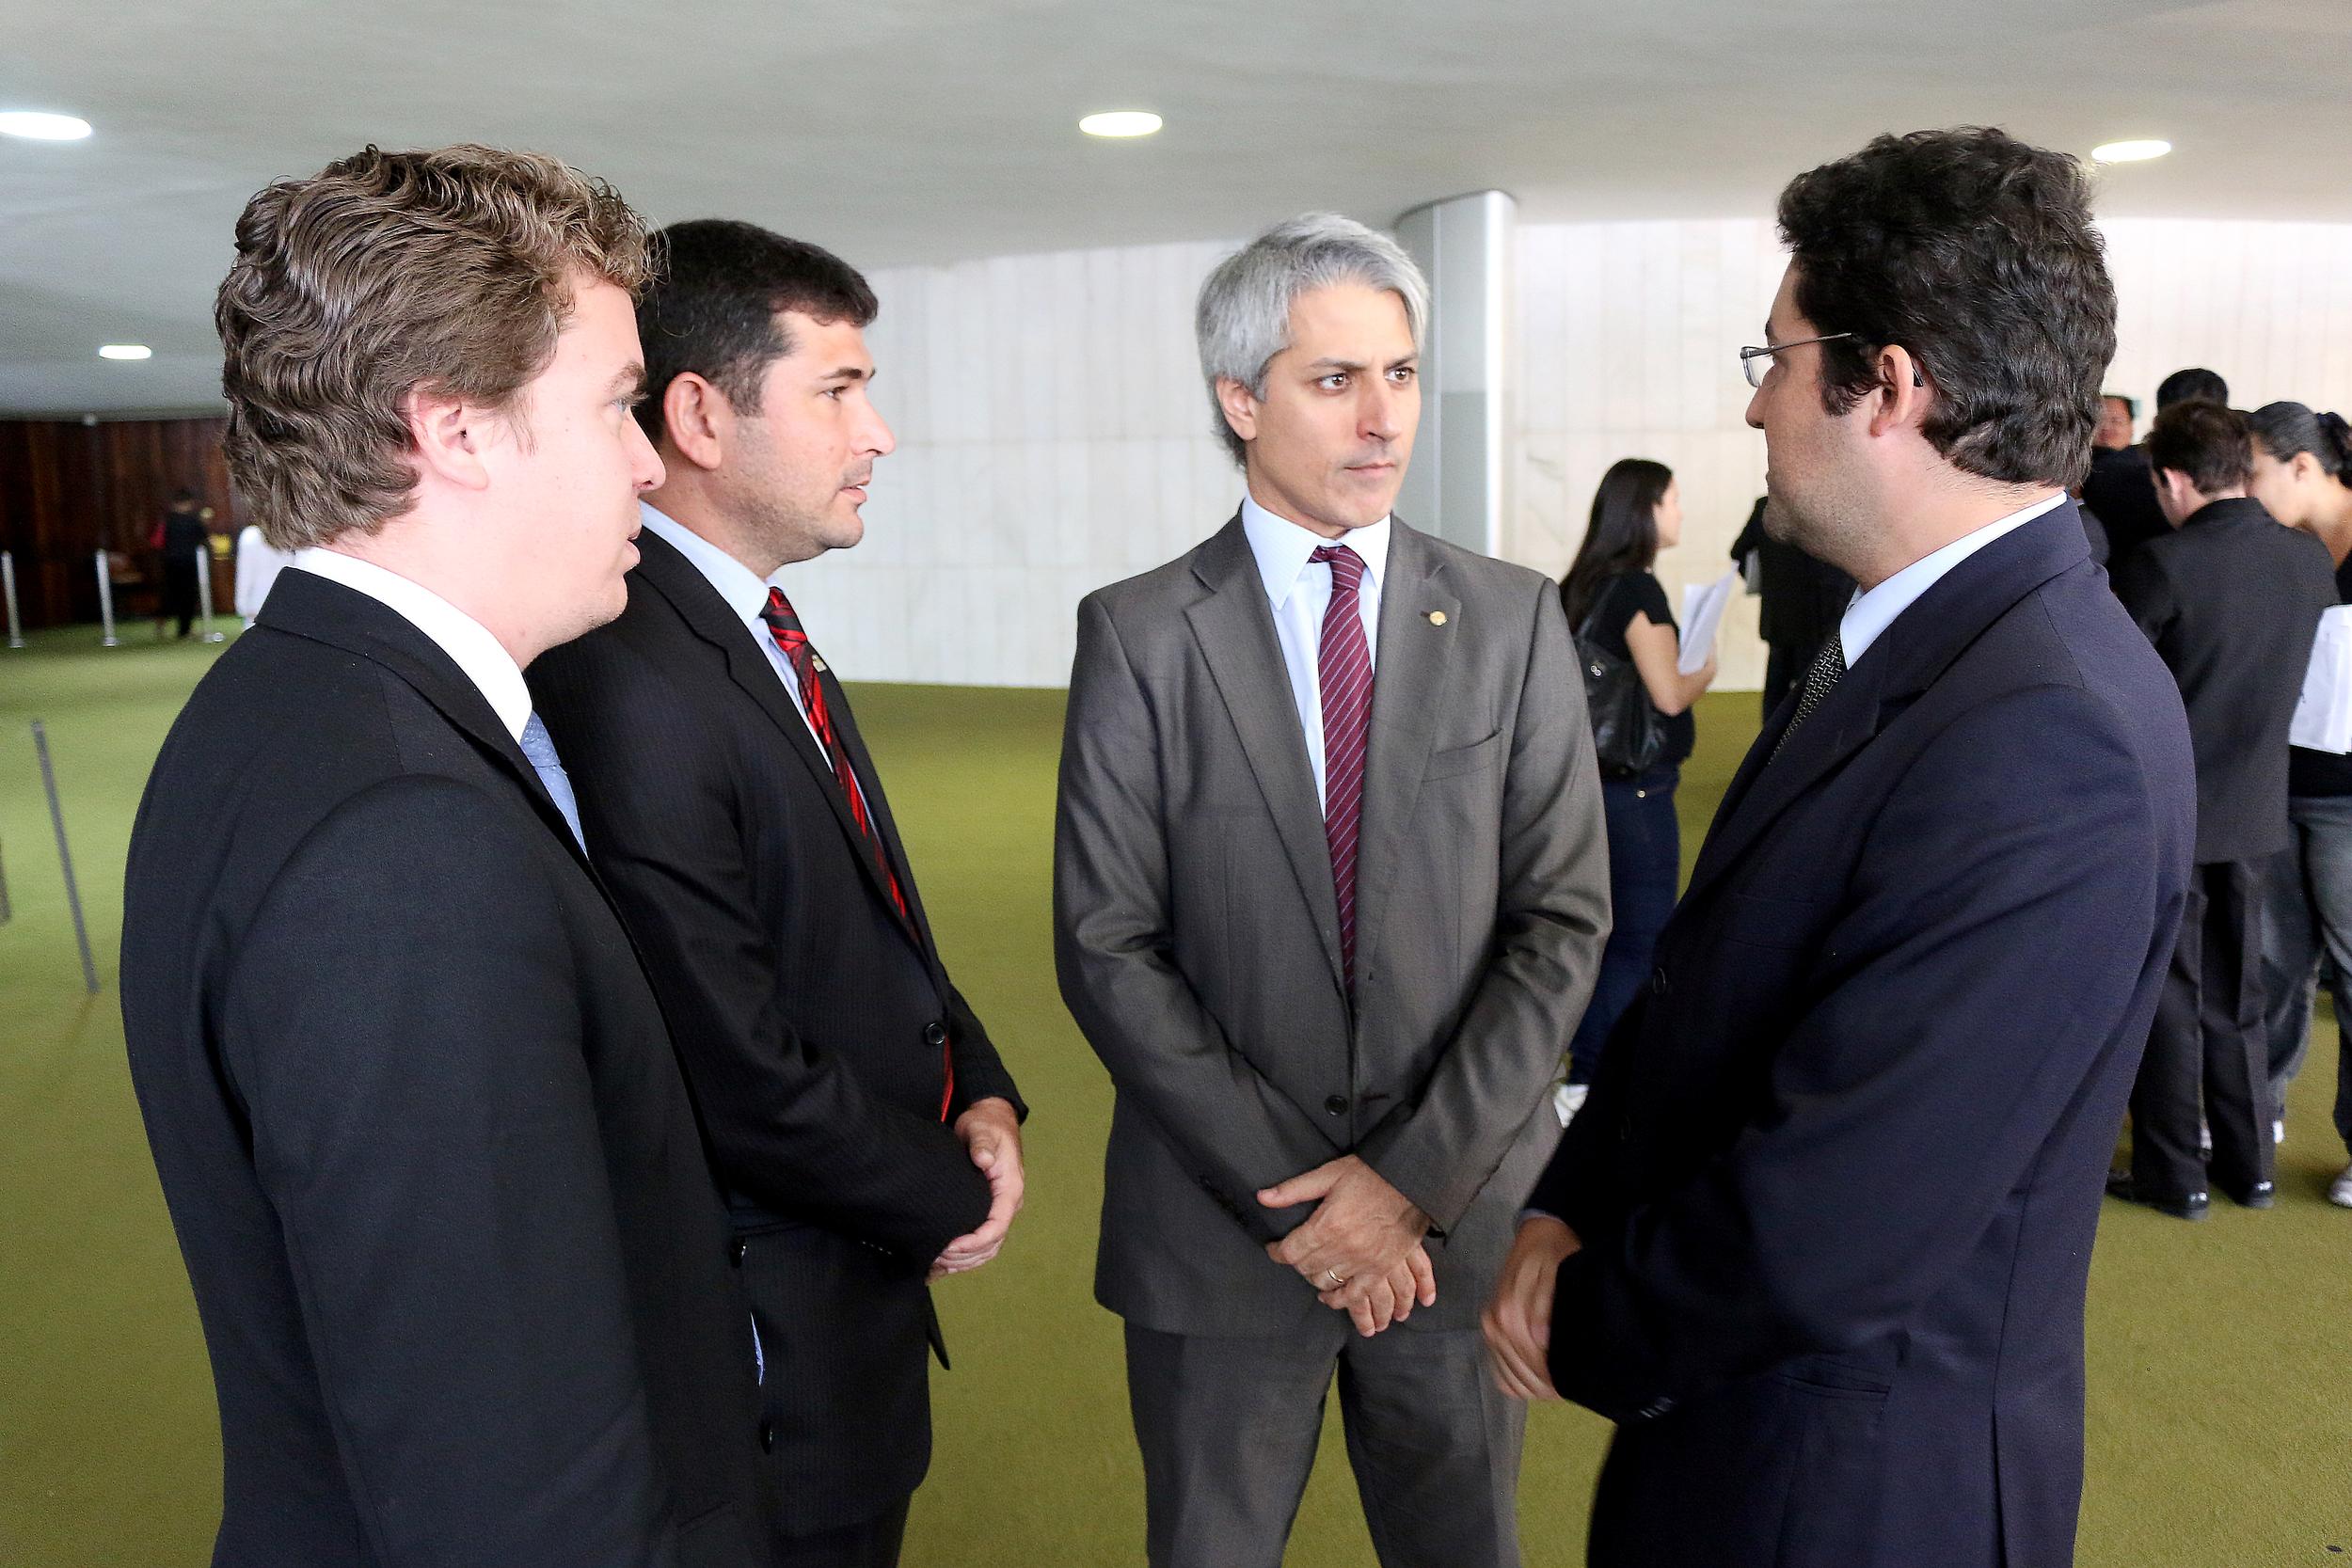 À direita, Alex Canuto conversa com o Deputado Alessandro Molon. À esquerda, Márcio Gimene, representante da ASSECOR, e Mateus Carvalho, representante da AACE. Foto: Filipe Calmon / ANESP